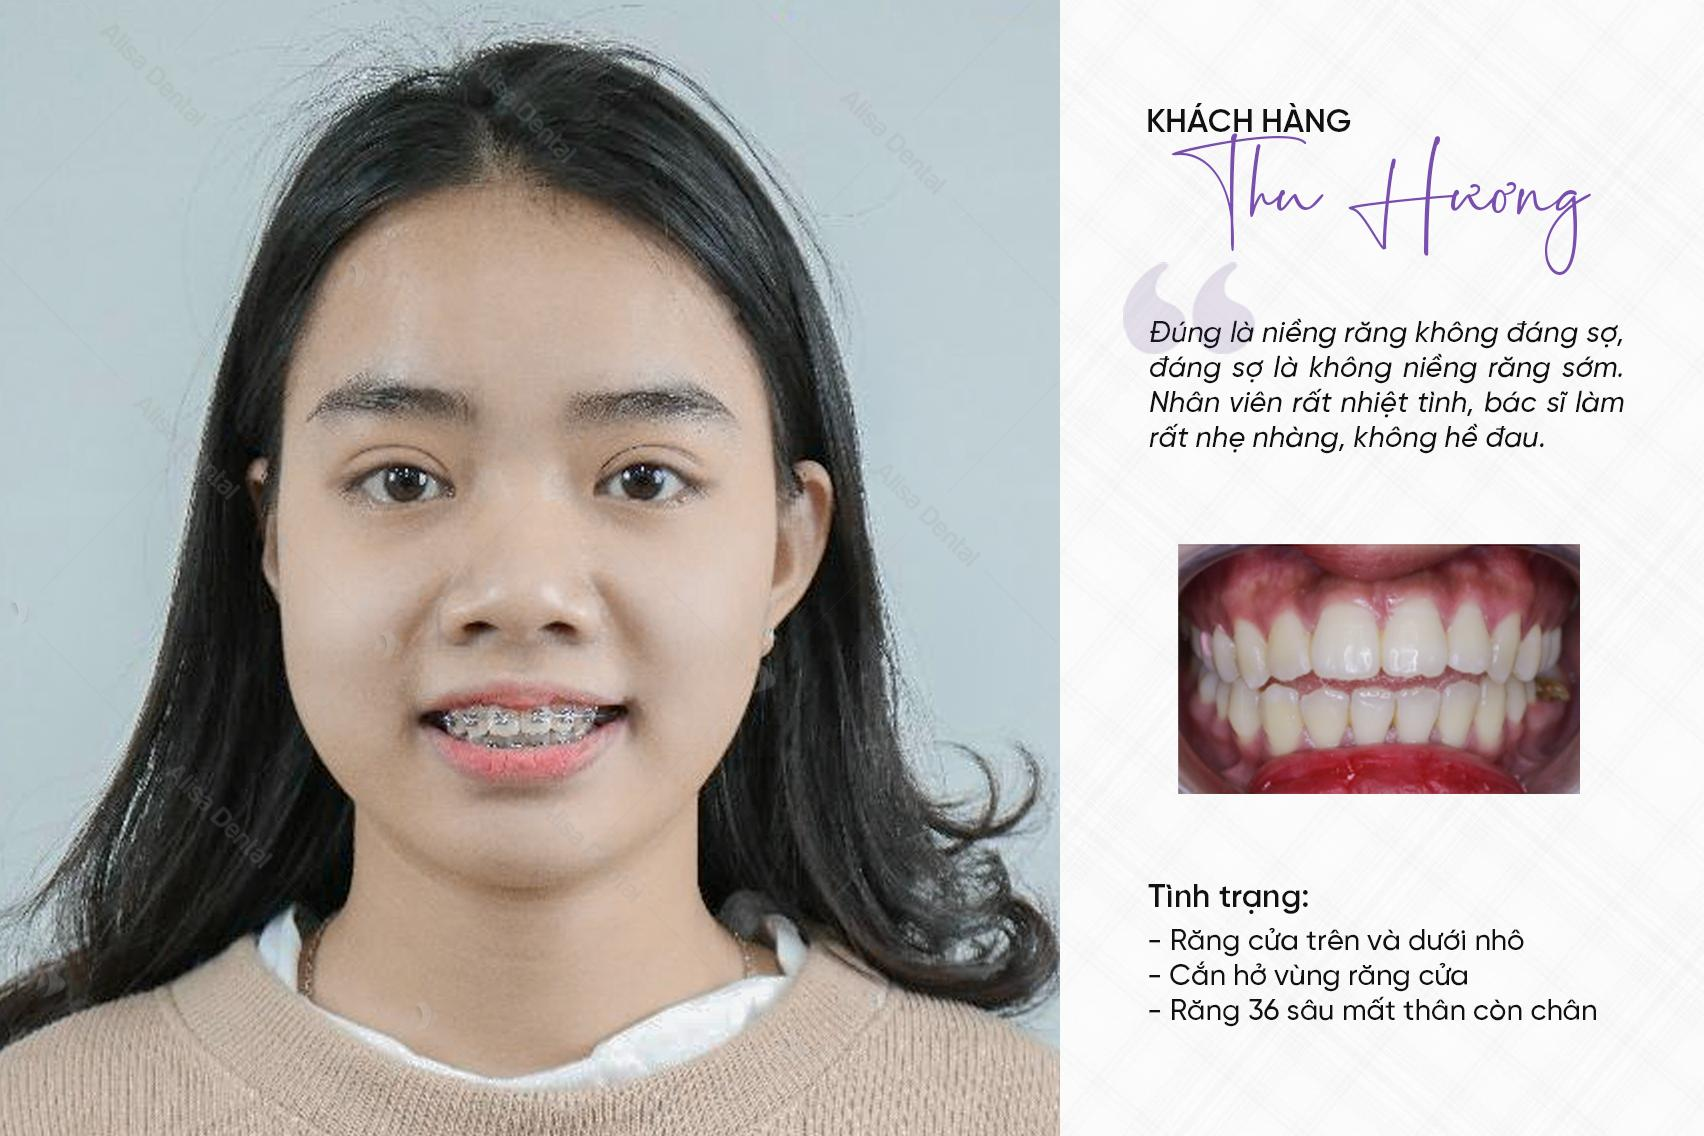 Niềng răng có làm thay đổi không mặt 7